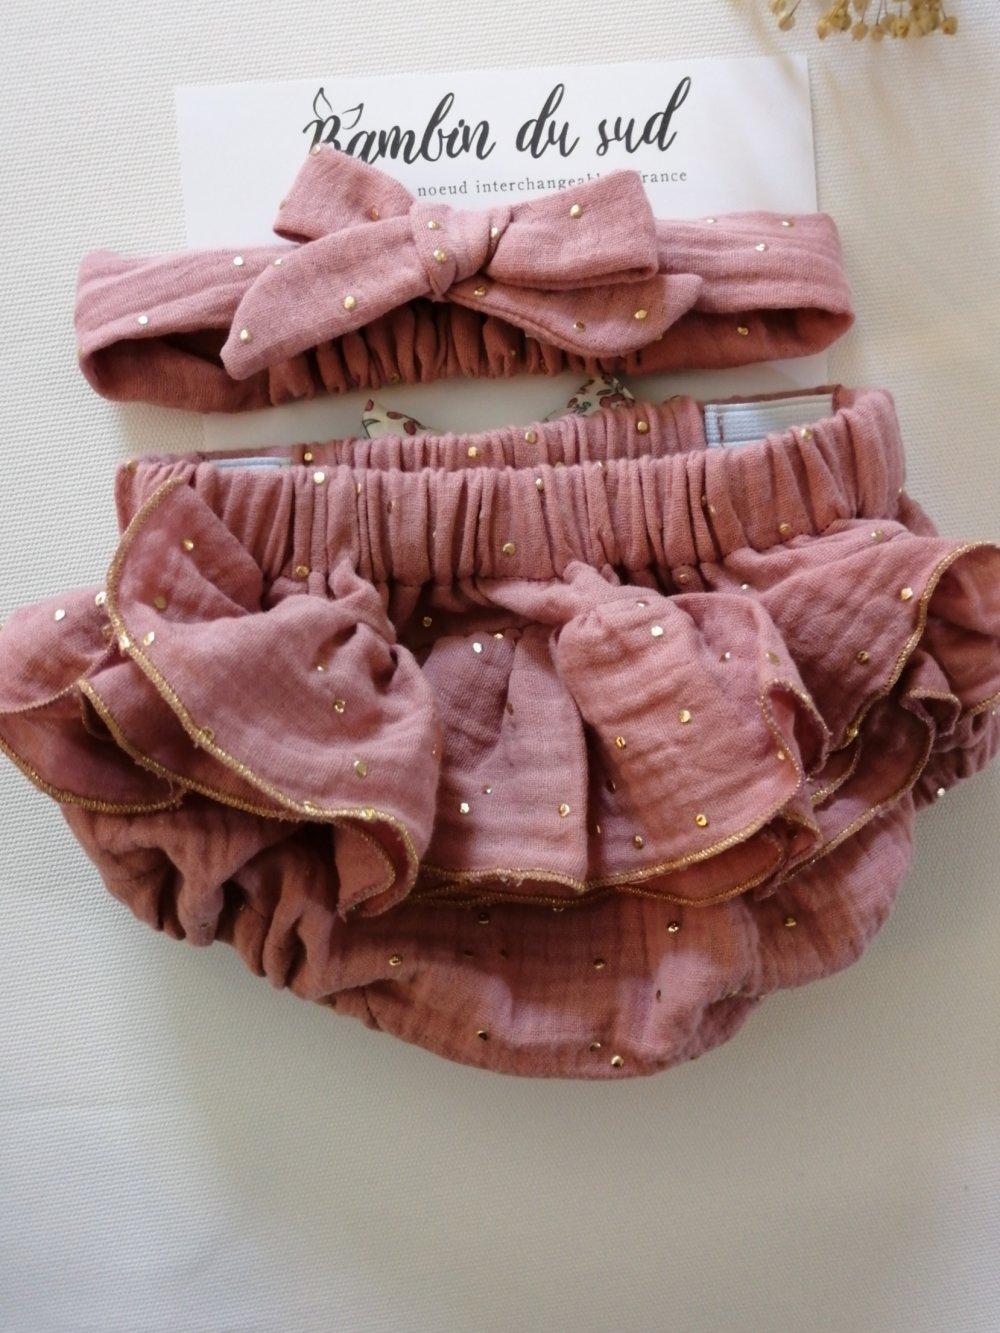 Bloomer à noeud interchangeable avec volants au dos. En double gaze de coton. Couleur rose thé pois dorés